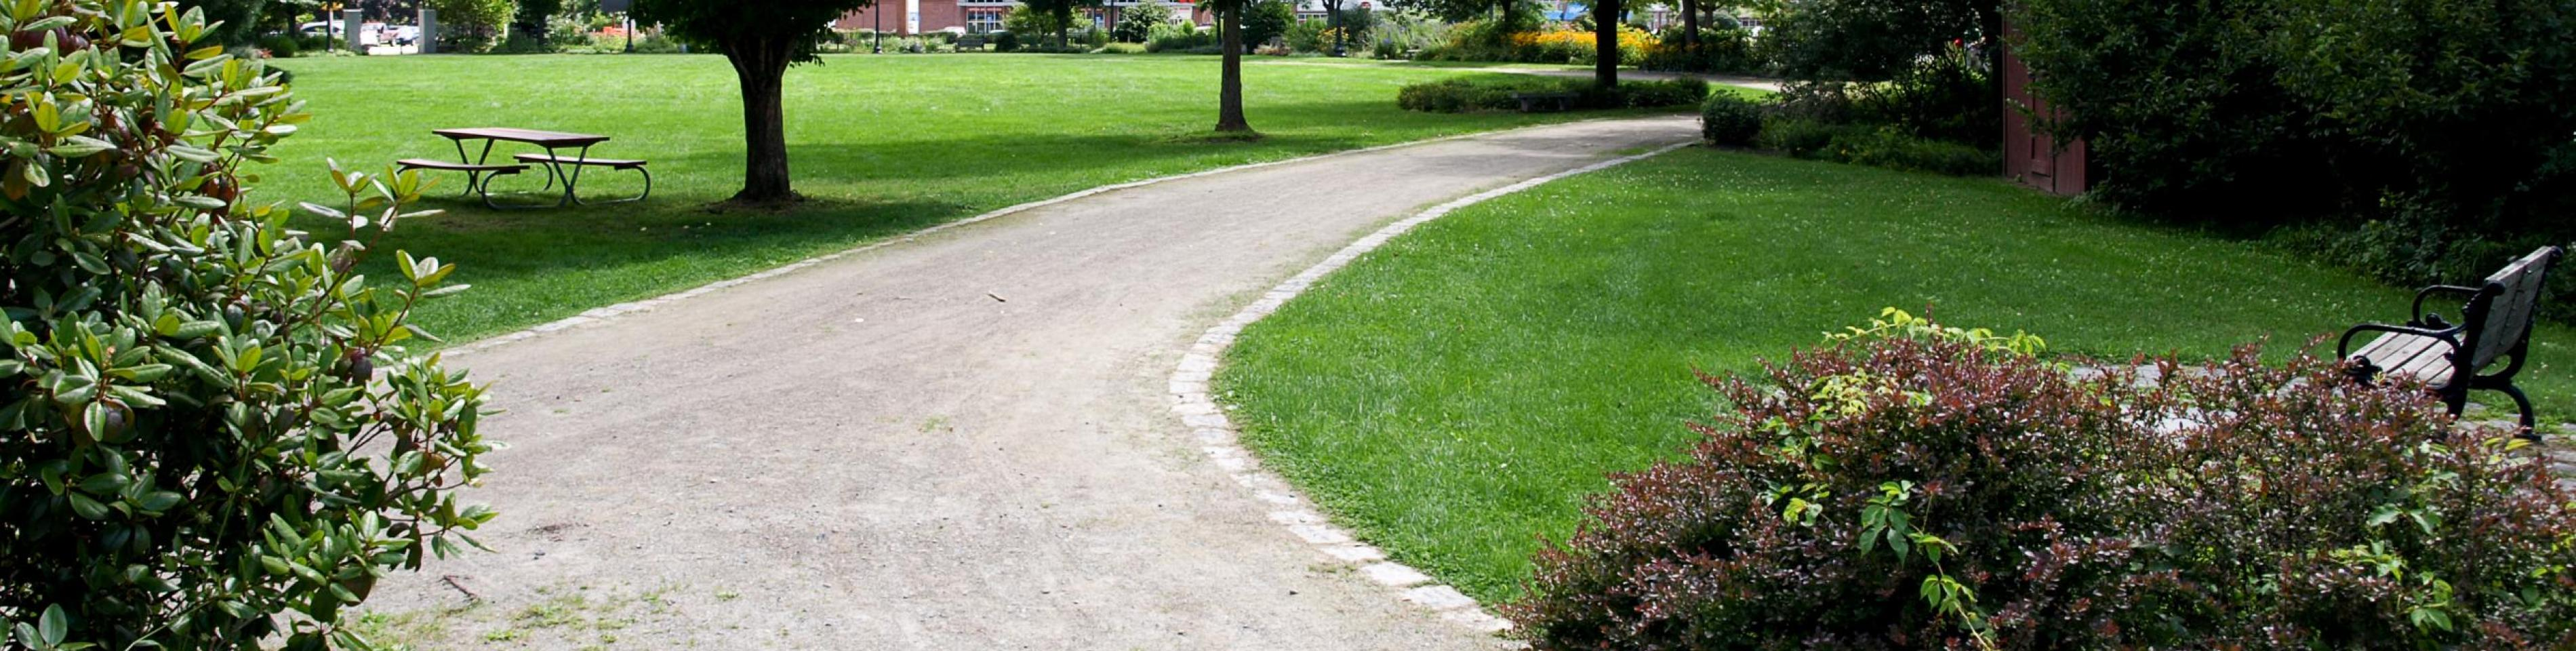 Ashuelot River Park Path